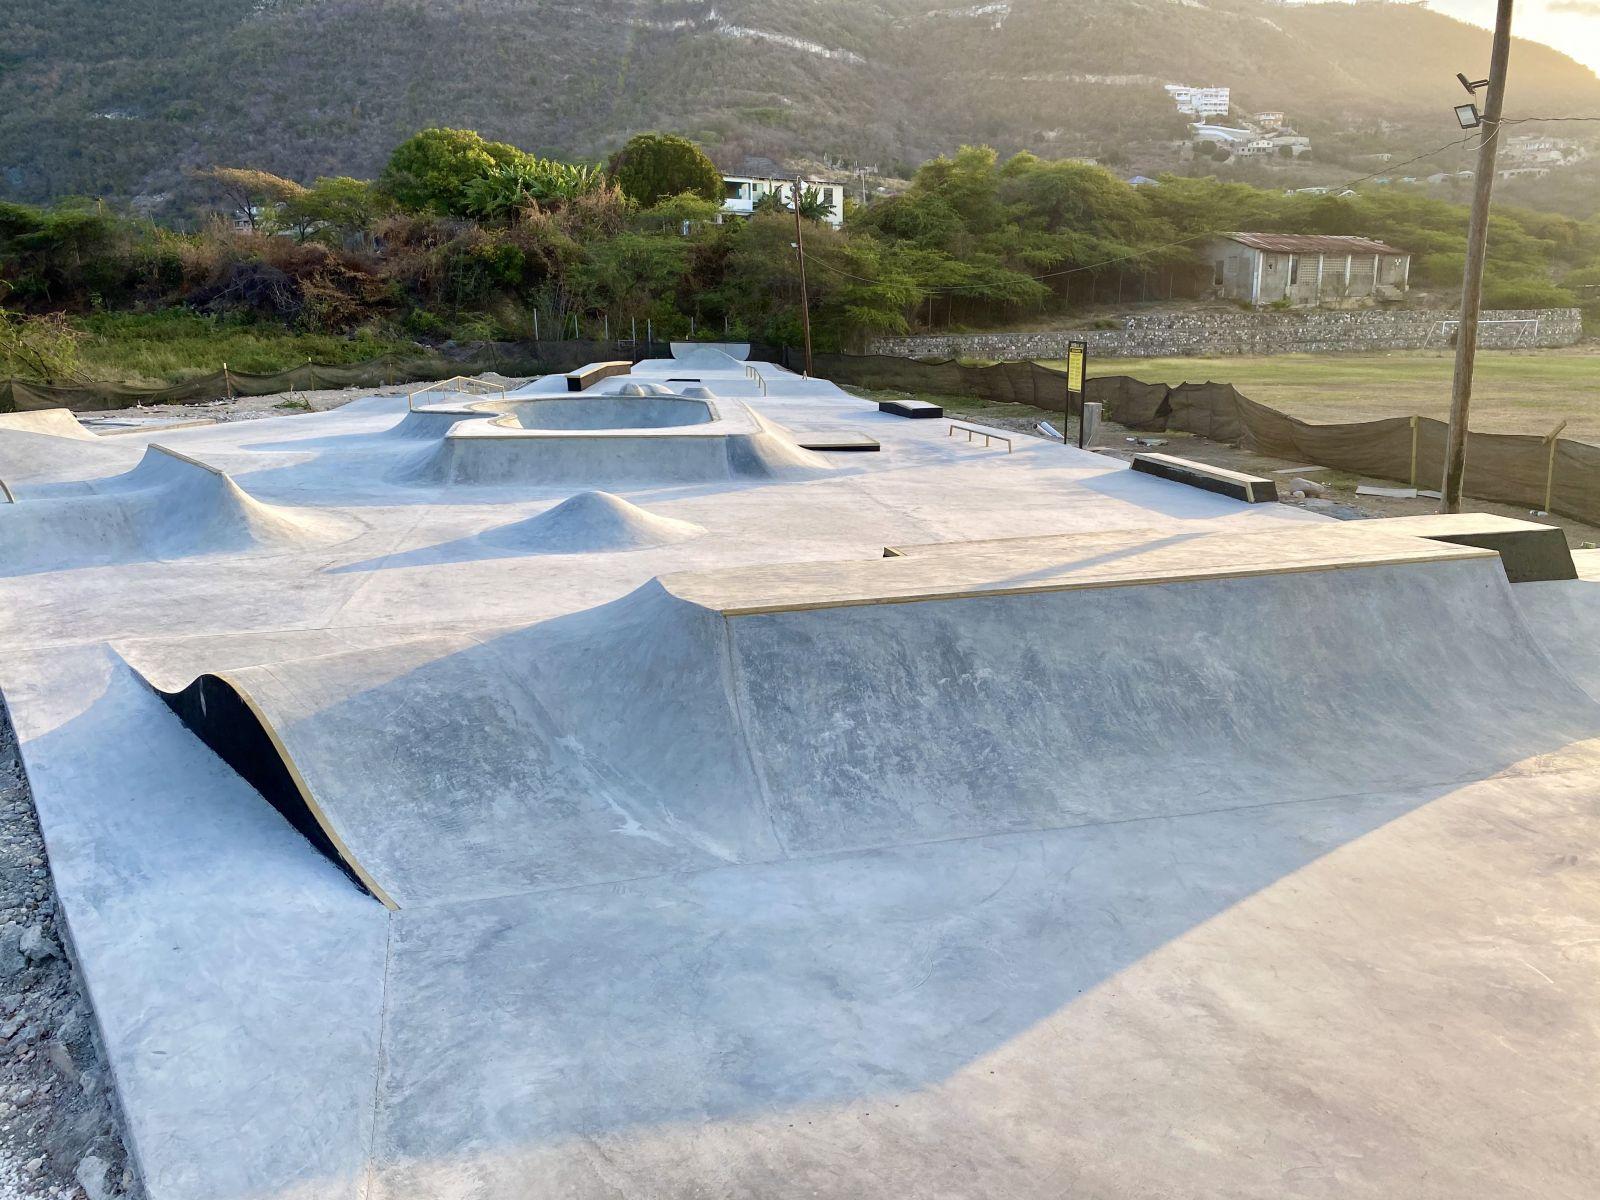 Skateborad park